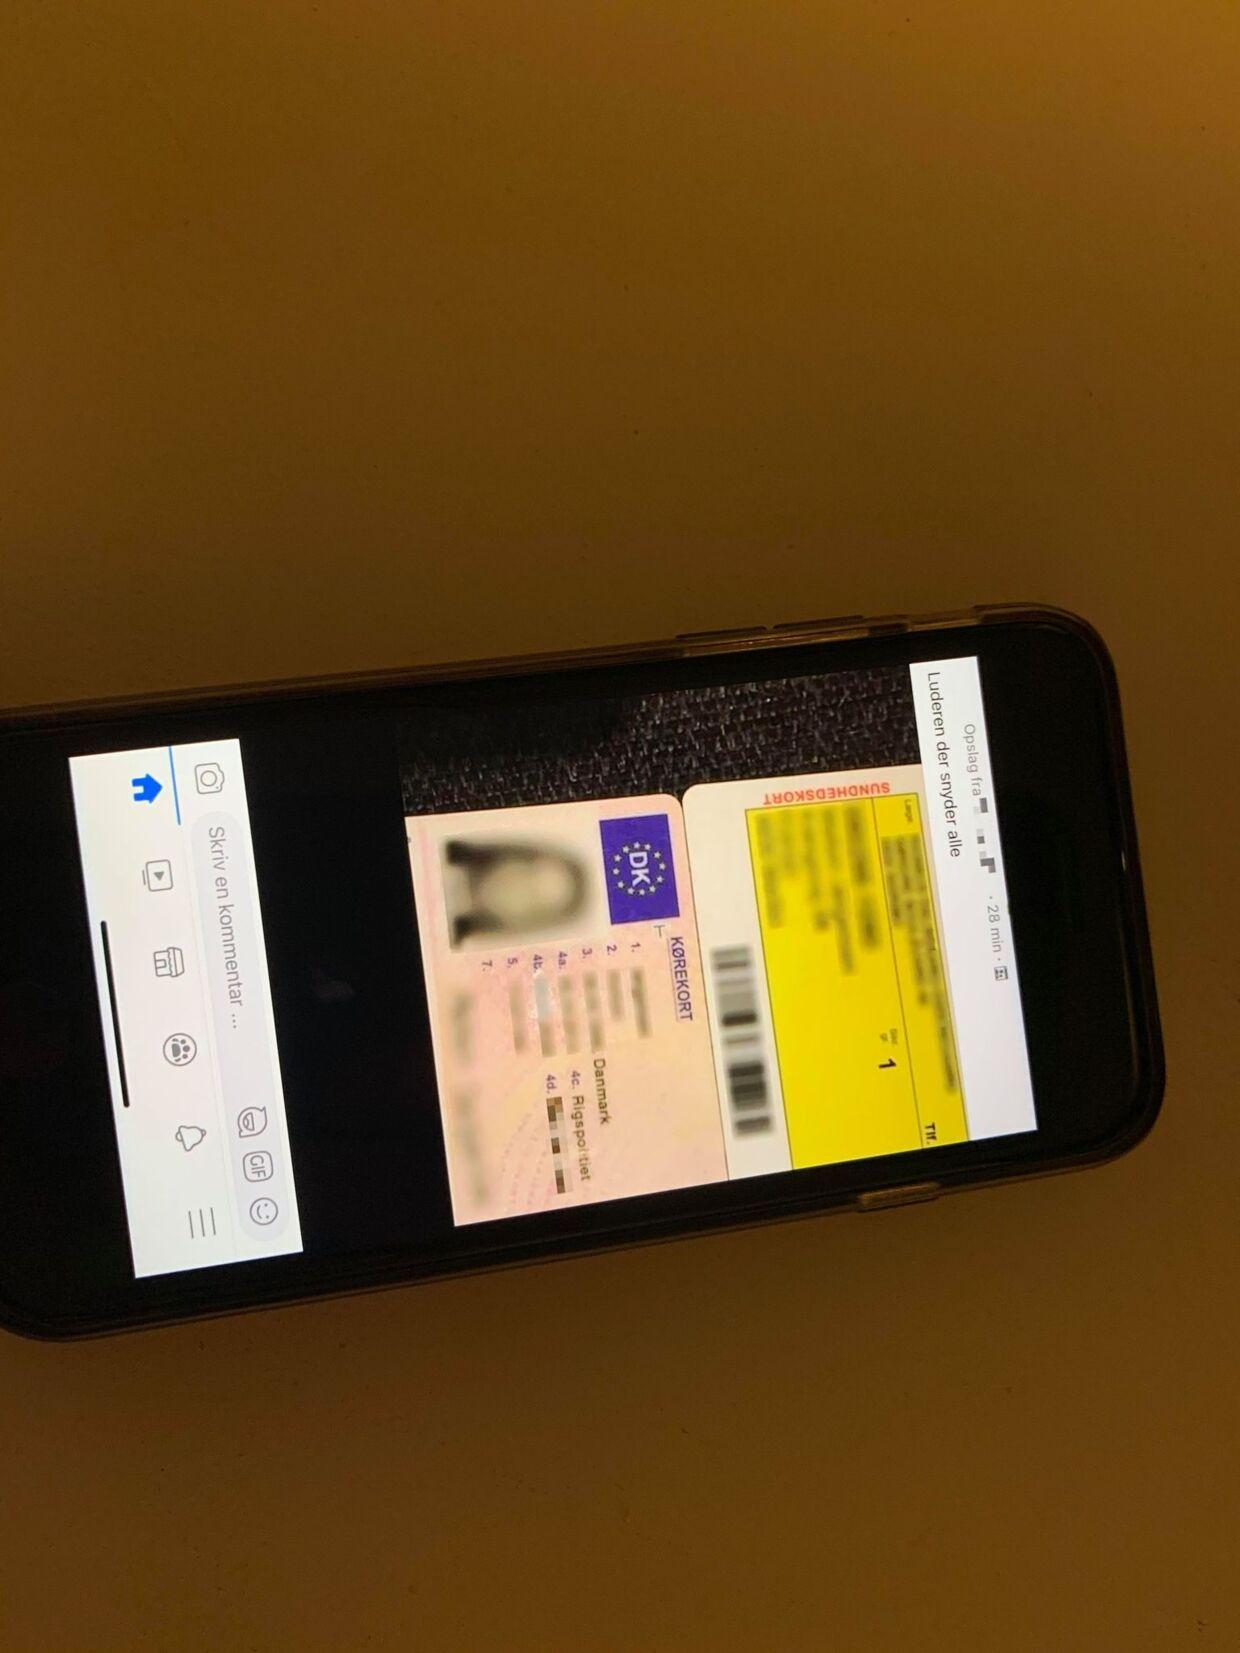 'Luderen, der snyder alle' har en formodet udlåner skrevet i et opslag med foto af personens kørekort og sygesikringskort. I forskellige Facebook-grupper deler udlånere oplysninger på dem, som ikke betaler deres lån tilbage.